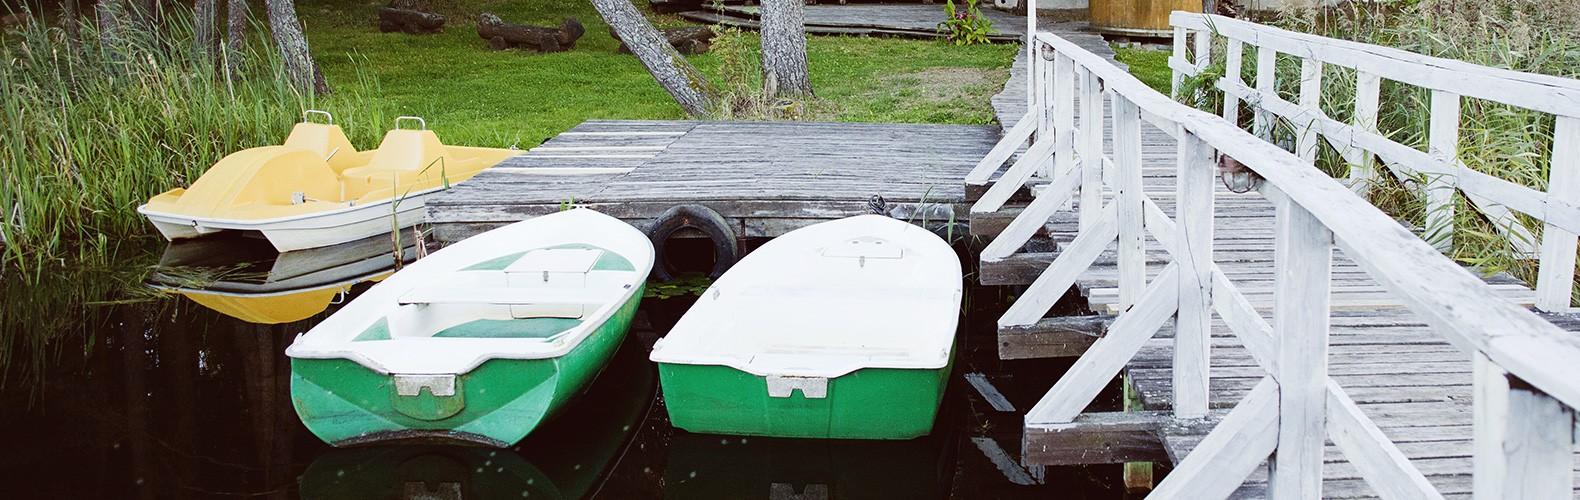 Lauko pramoga – pasiplaukiojimas valtimi | Kernavės bajorynė